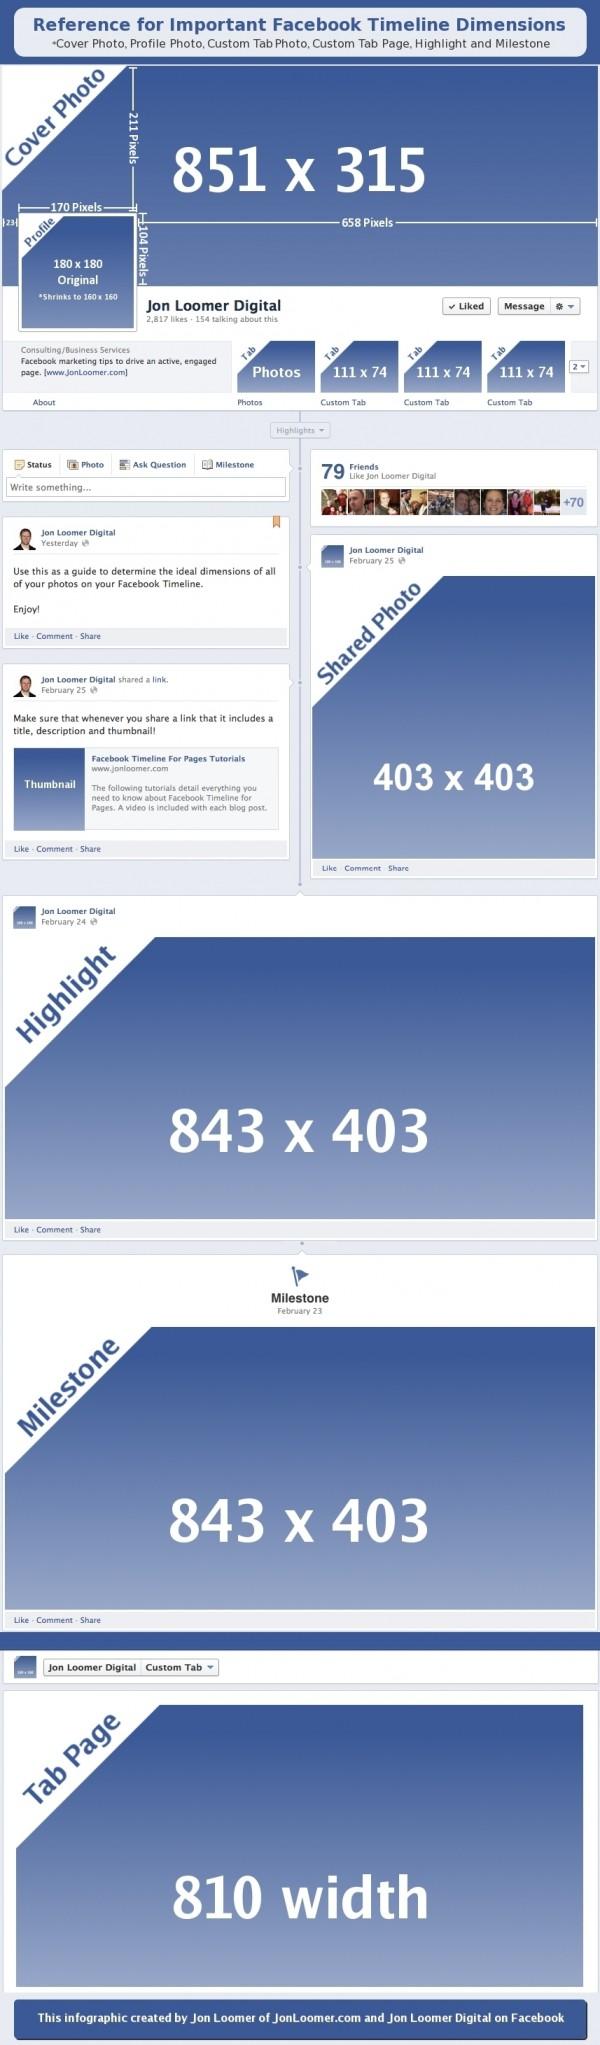 Facebook Timeline Image Dimensions